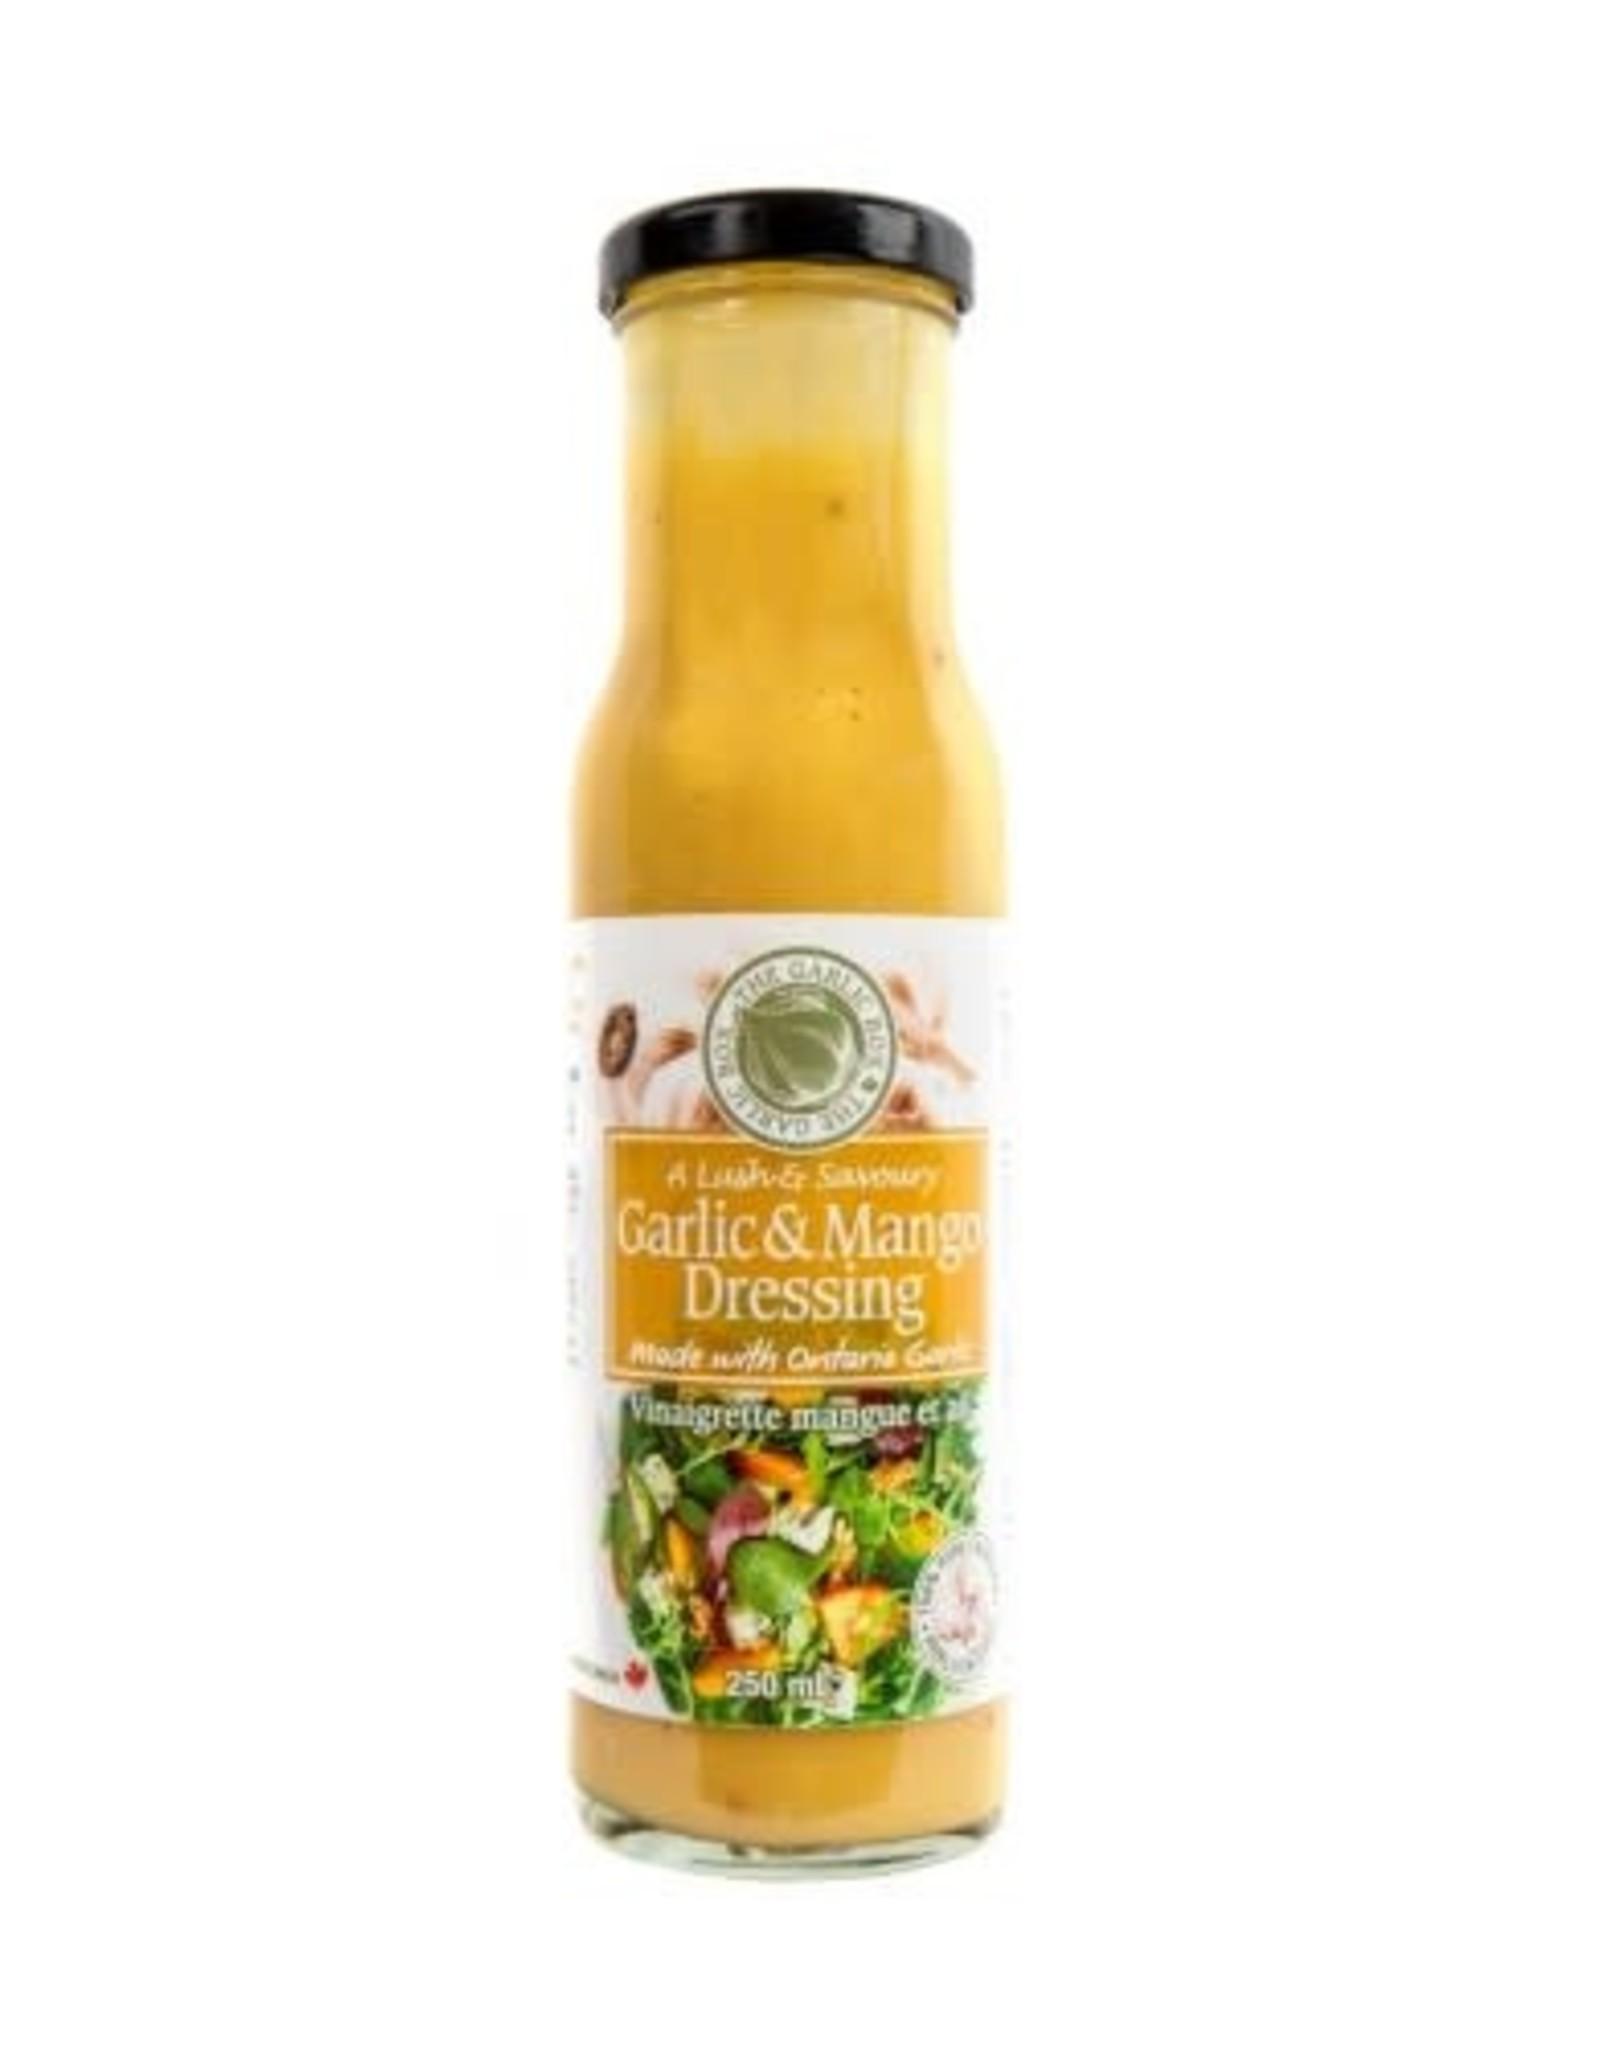 The Garlic Box Garlic &Mango Dressing